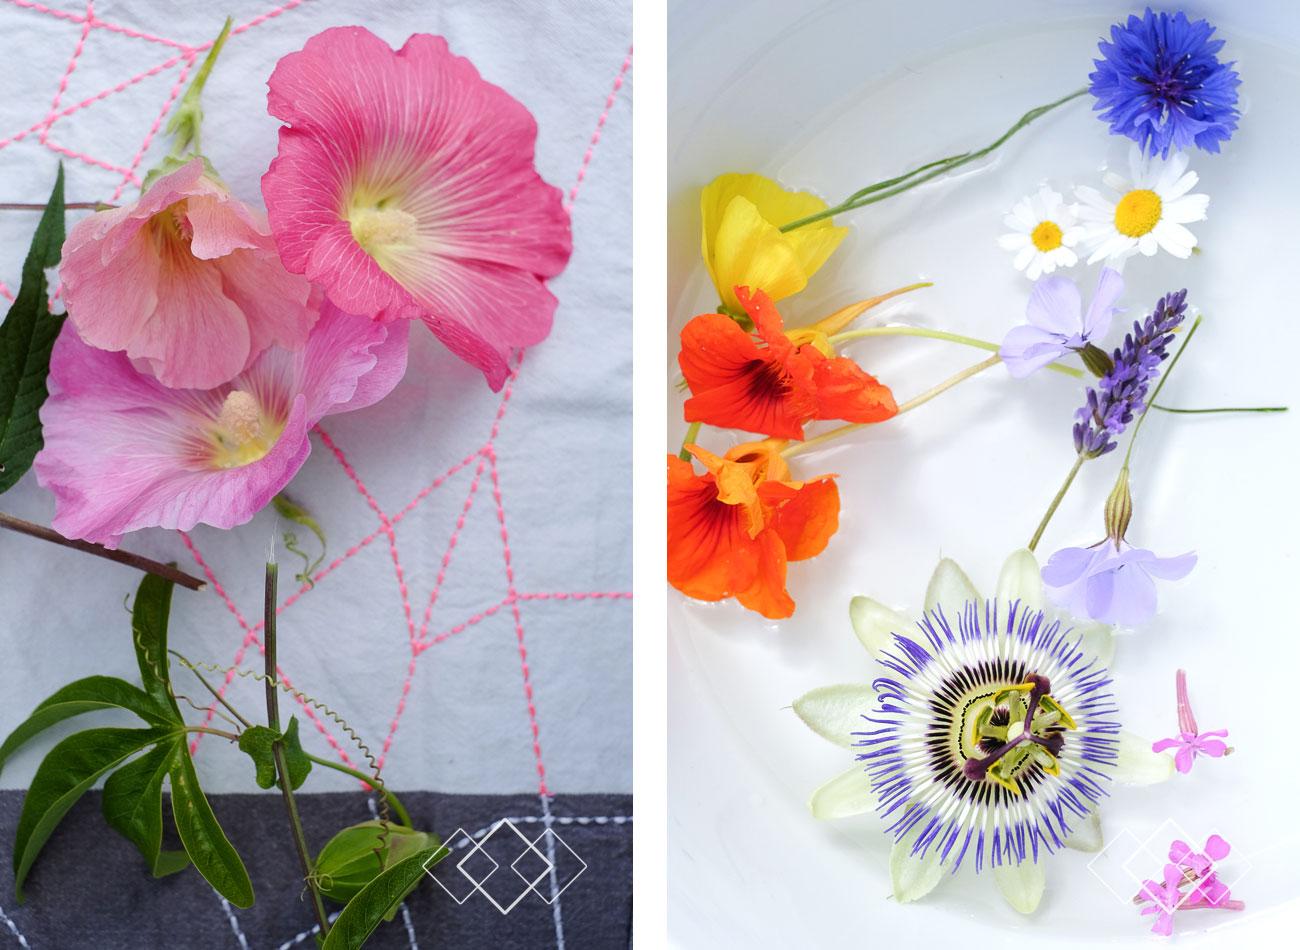 bloemenkrans1